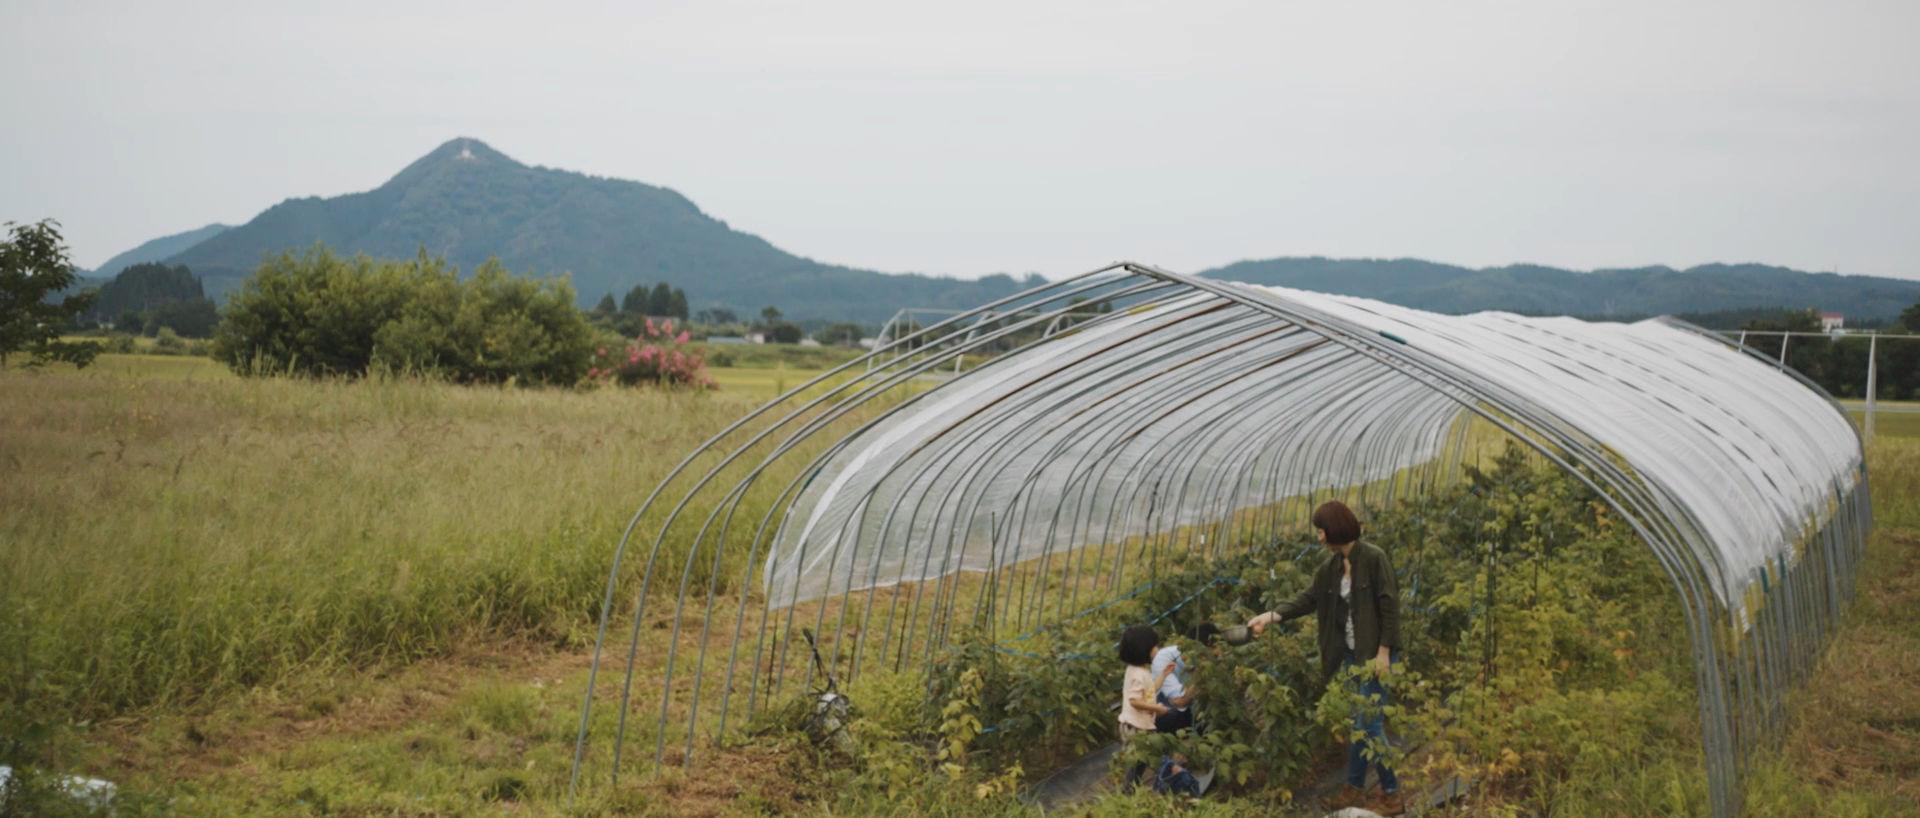 演出一切ナシ!秋田県の「ありのままの姿」を集めた映像が美しい・・・